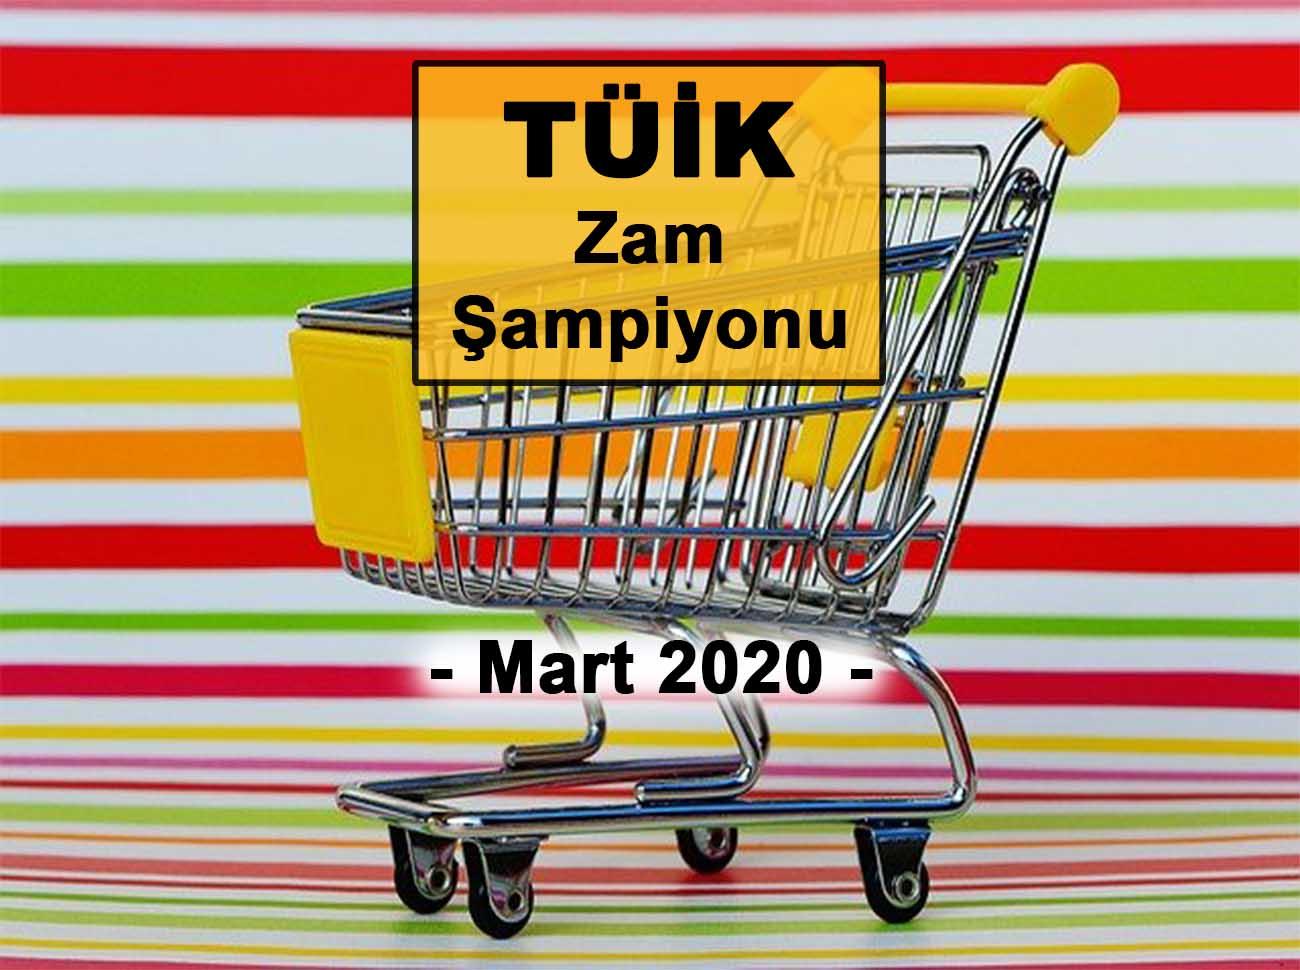 Mart (2020) Zam Şampiyonu